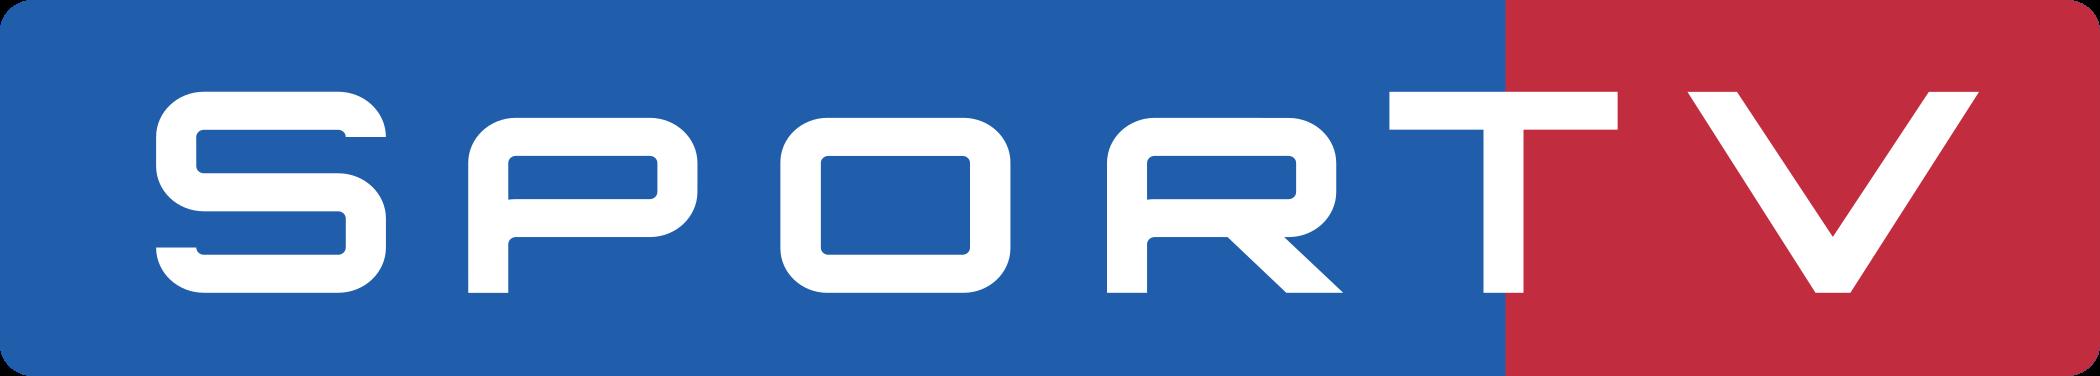 sportv logo 1 - SporTV Logo